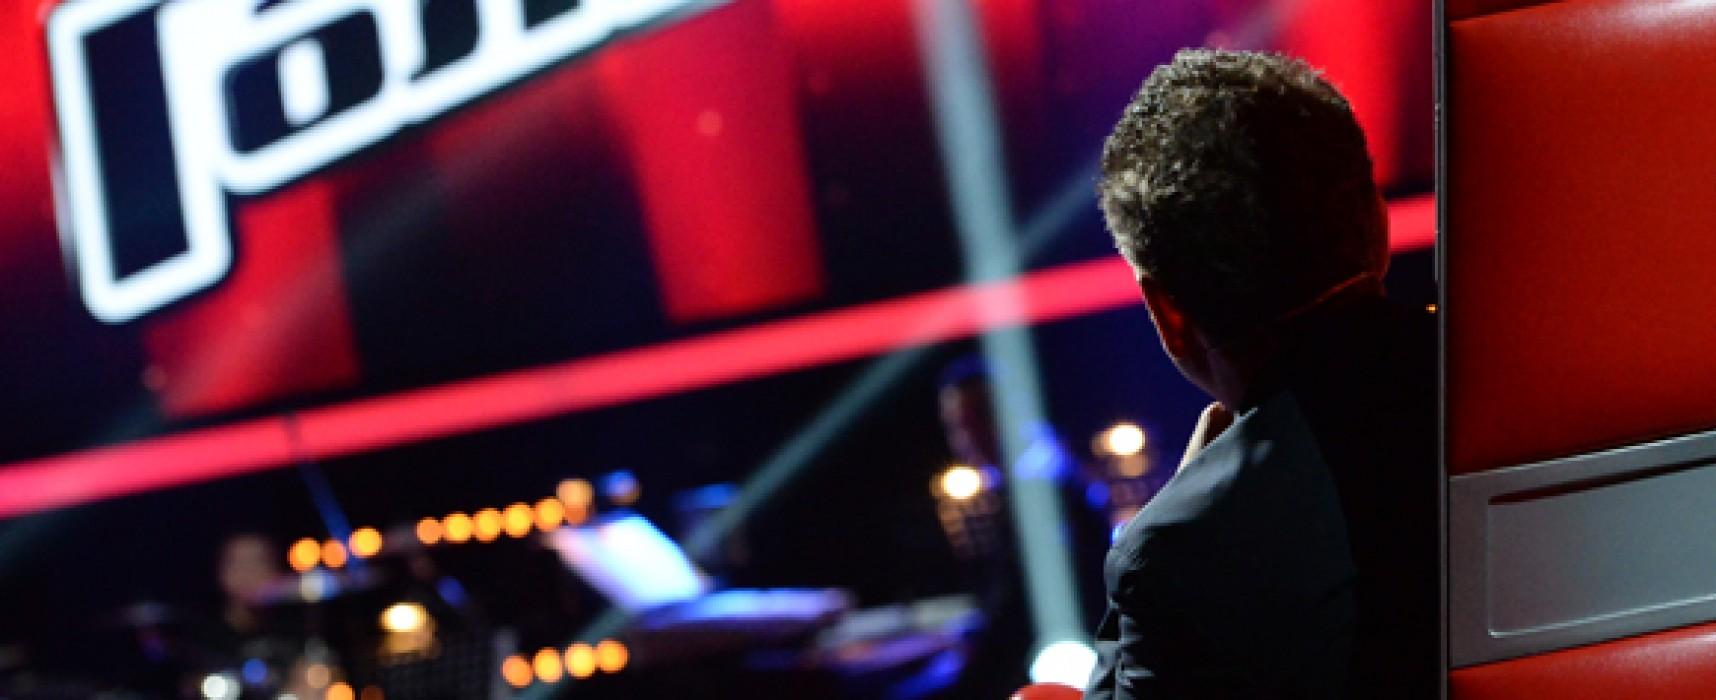 Госдума усмотрела в музыкальном шоу «Голос» угрозу суверенитету России